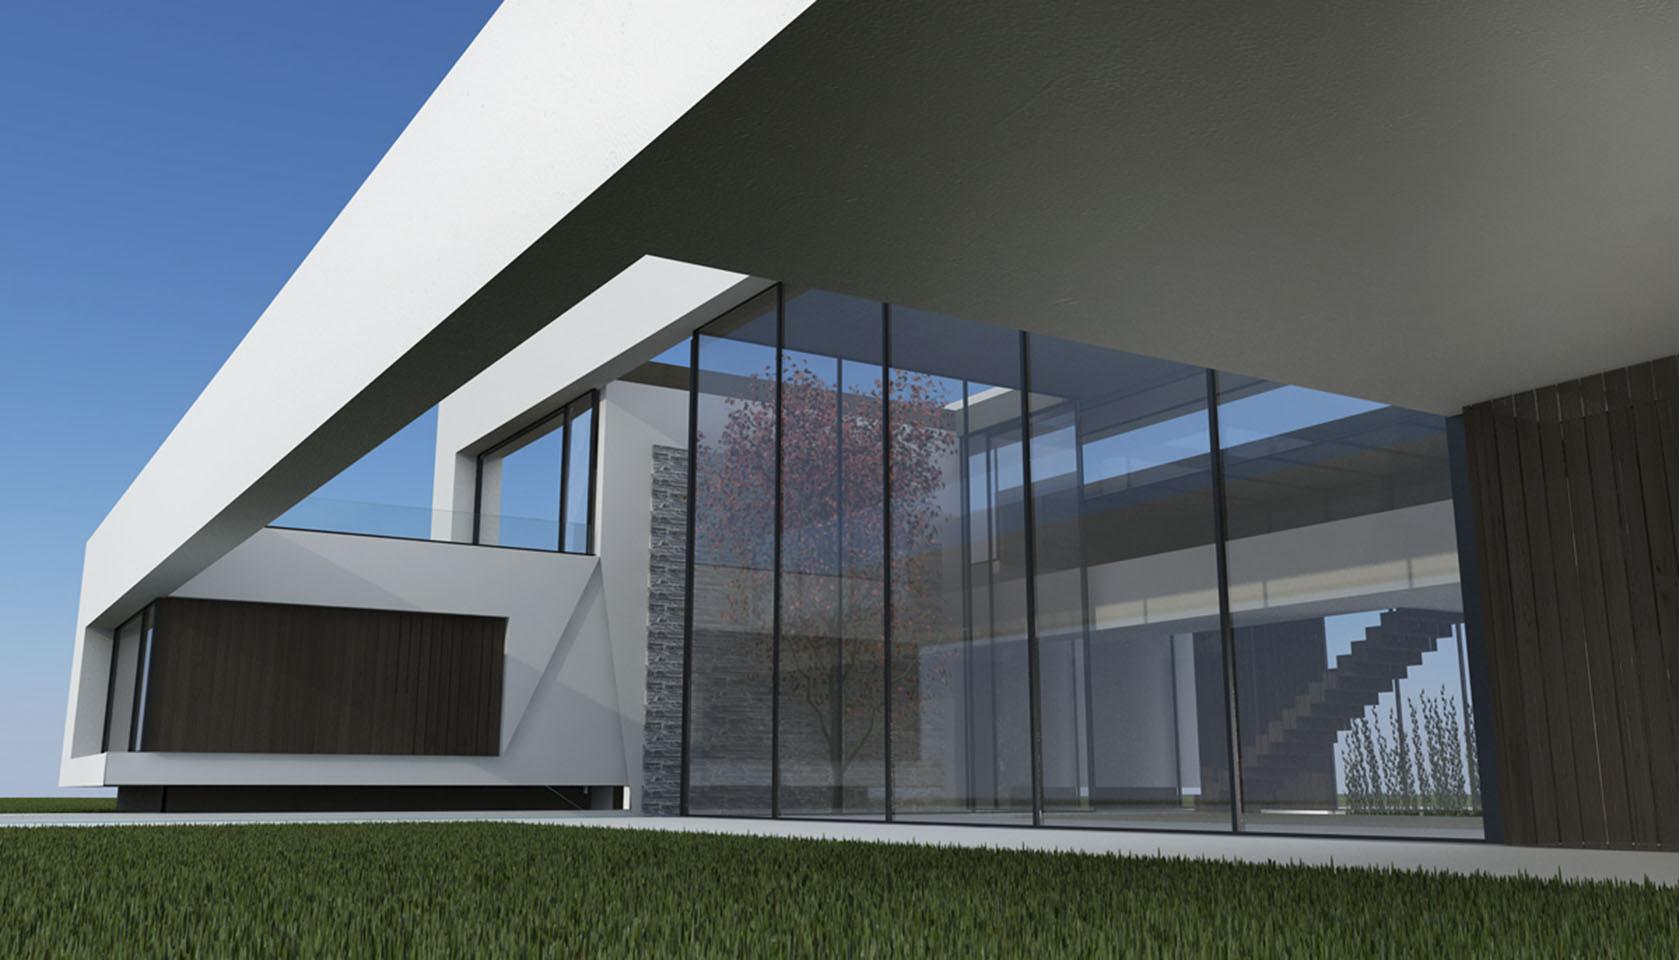 cinta continua en arquitectura, estructuras minimalistas, jardines internos, living triple altura